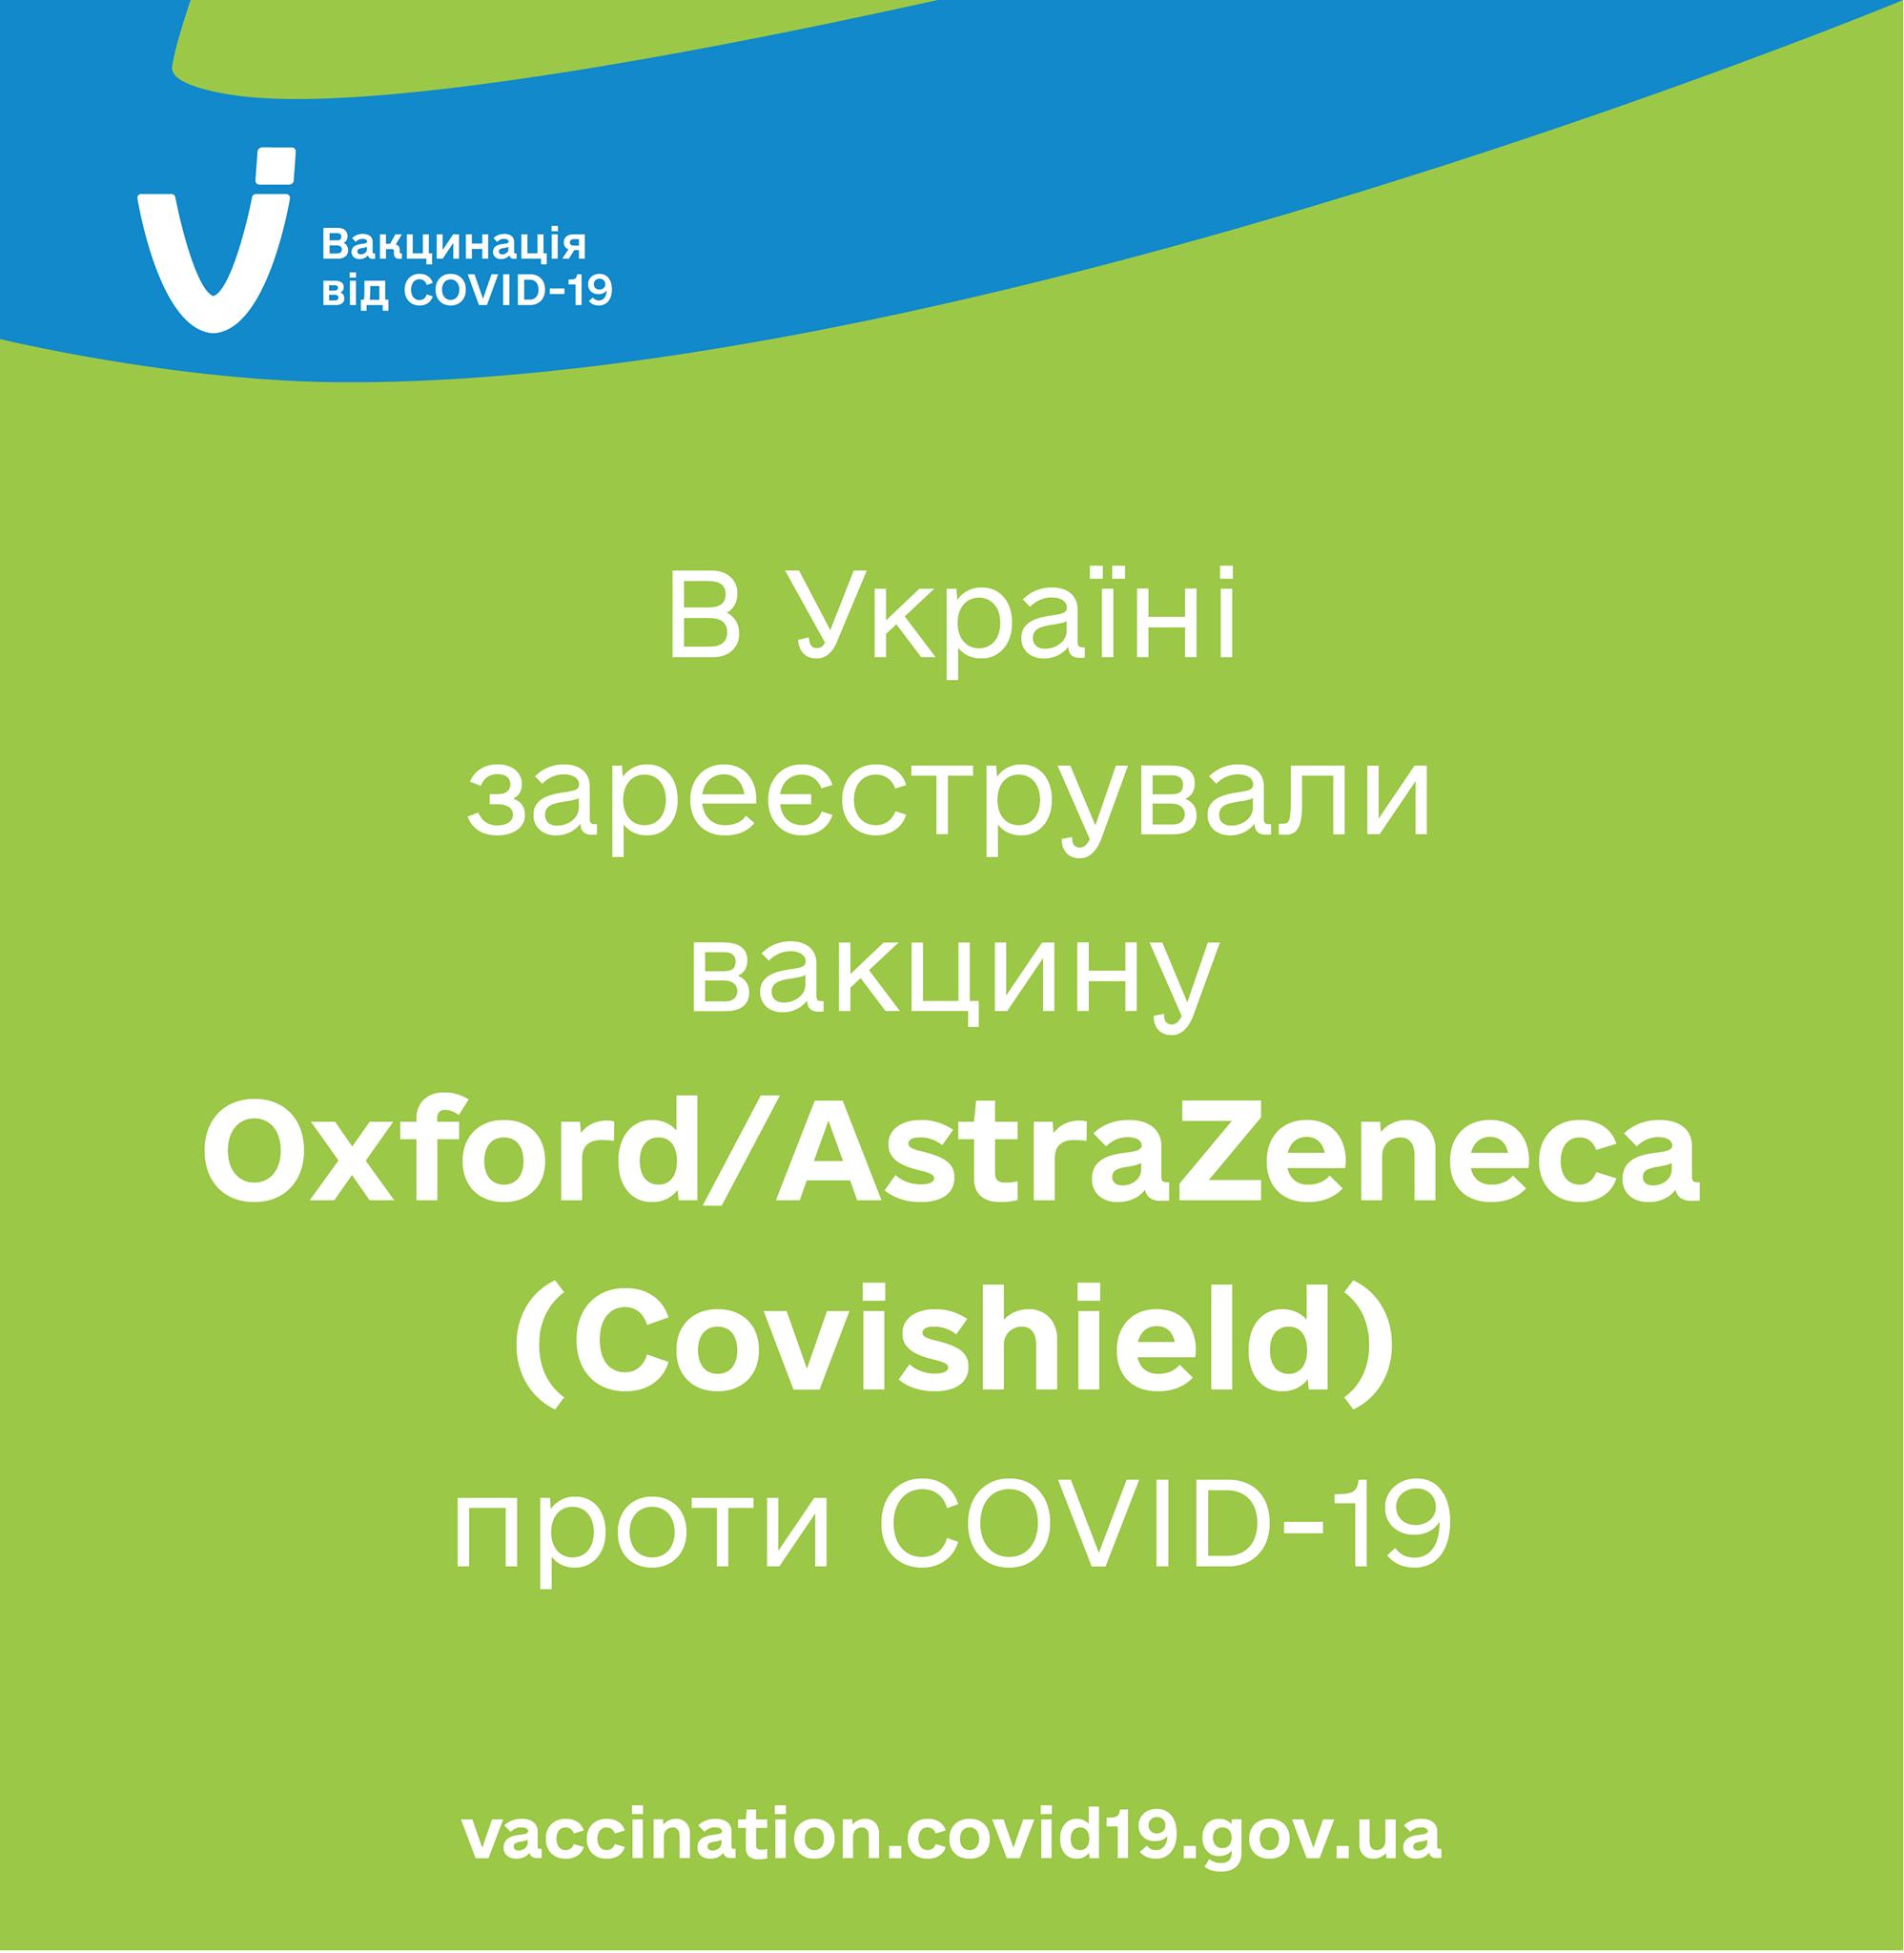 Міністерство охорони здоров'я України зареєструвало вакцину проти COVID-19 Oxford/AstraZeneca для екстреного медичного застосування.